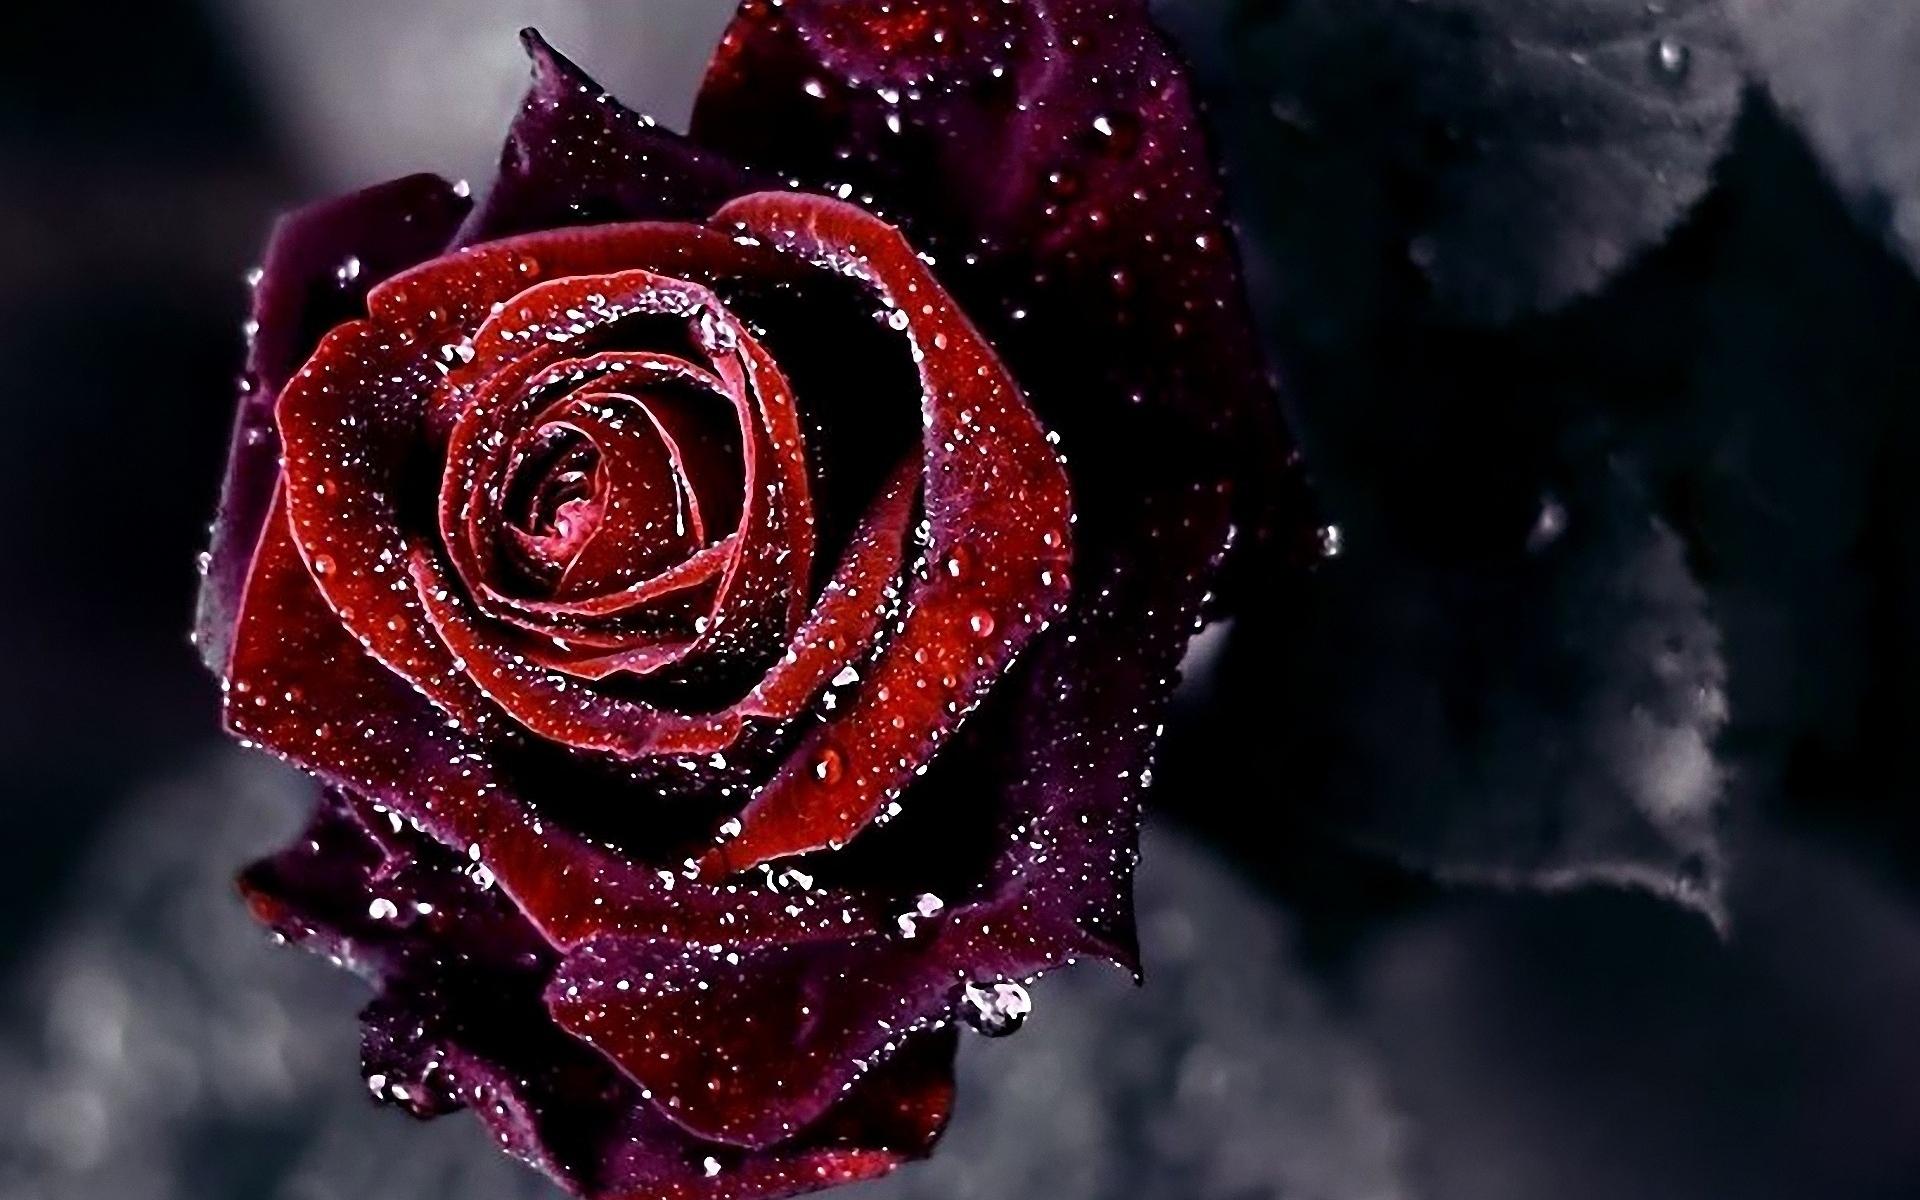 36212 Hintergrundbild herunterladen Blumen, Pflanzen, Roses - Bildschirmschoner und Bilder kostenlos